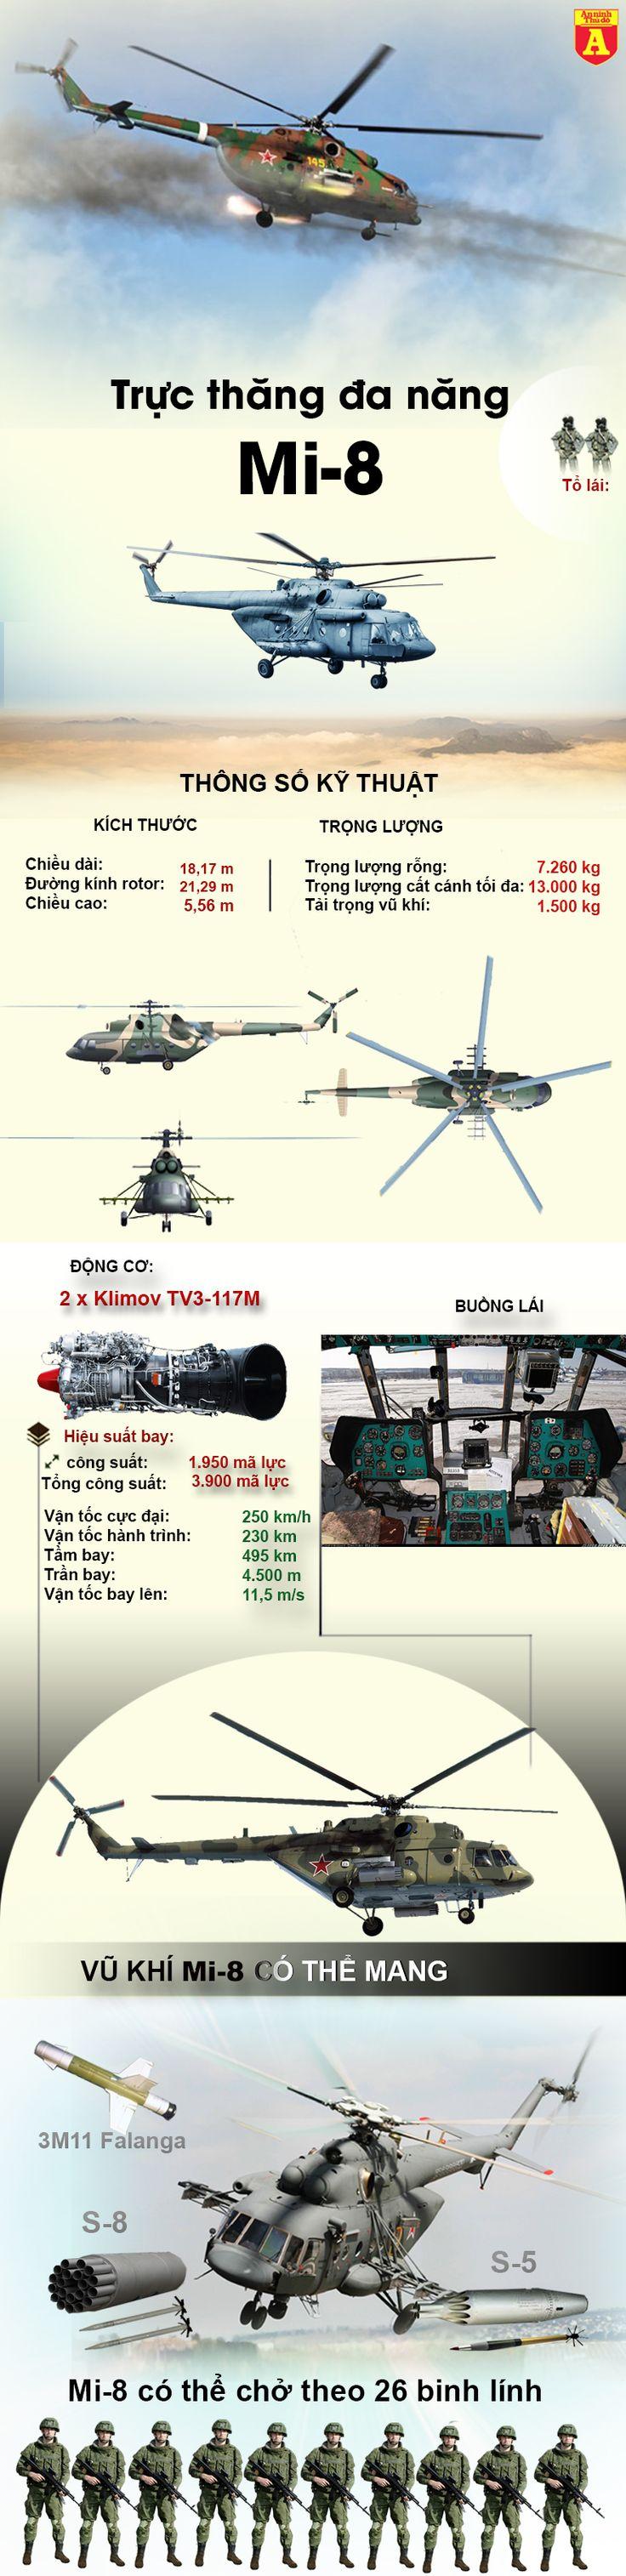 Trực thăng đa năng Mi-8 của Nga bay đến trấn thủ tại Deir Ezzor